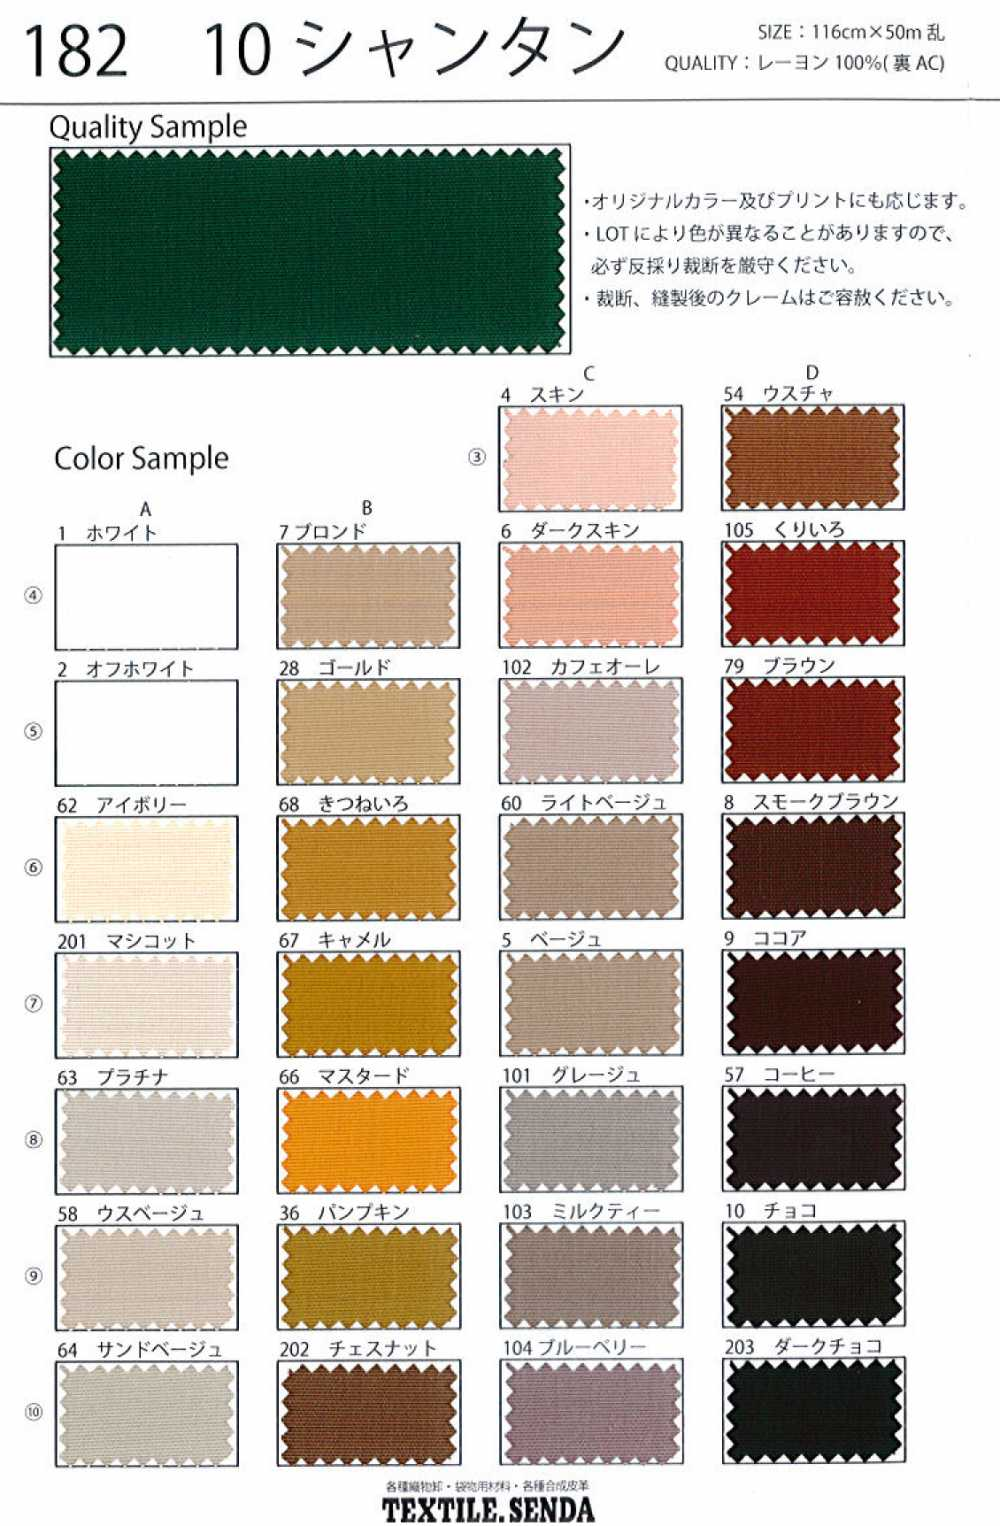 182 10シャンタン[生地] 仙田/オークラ商事 - ApparelX アパレル資材卸通販